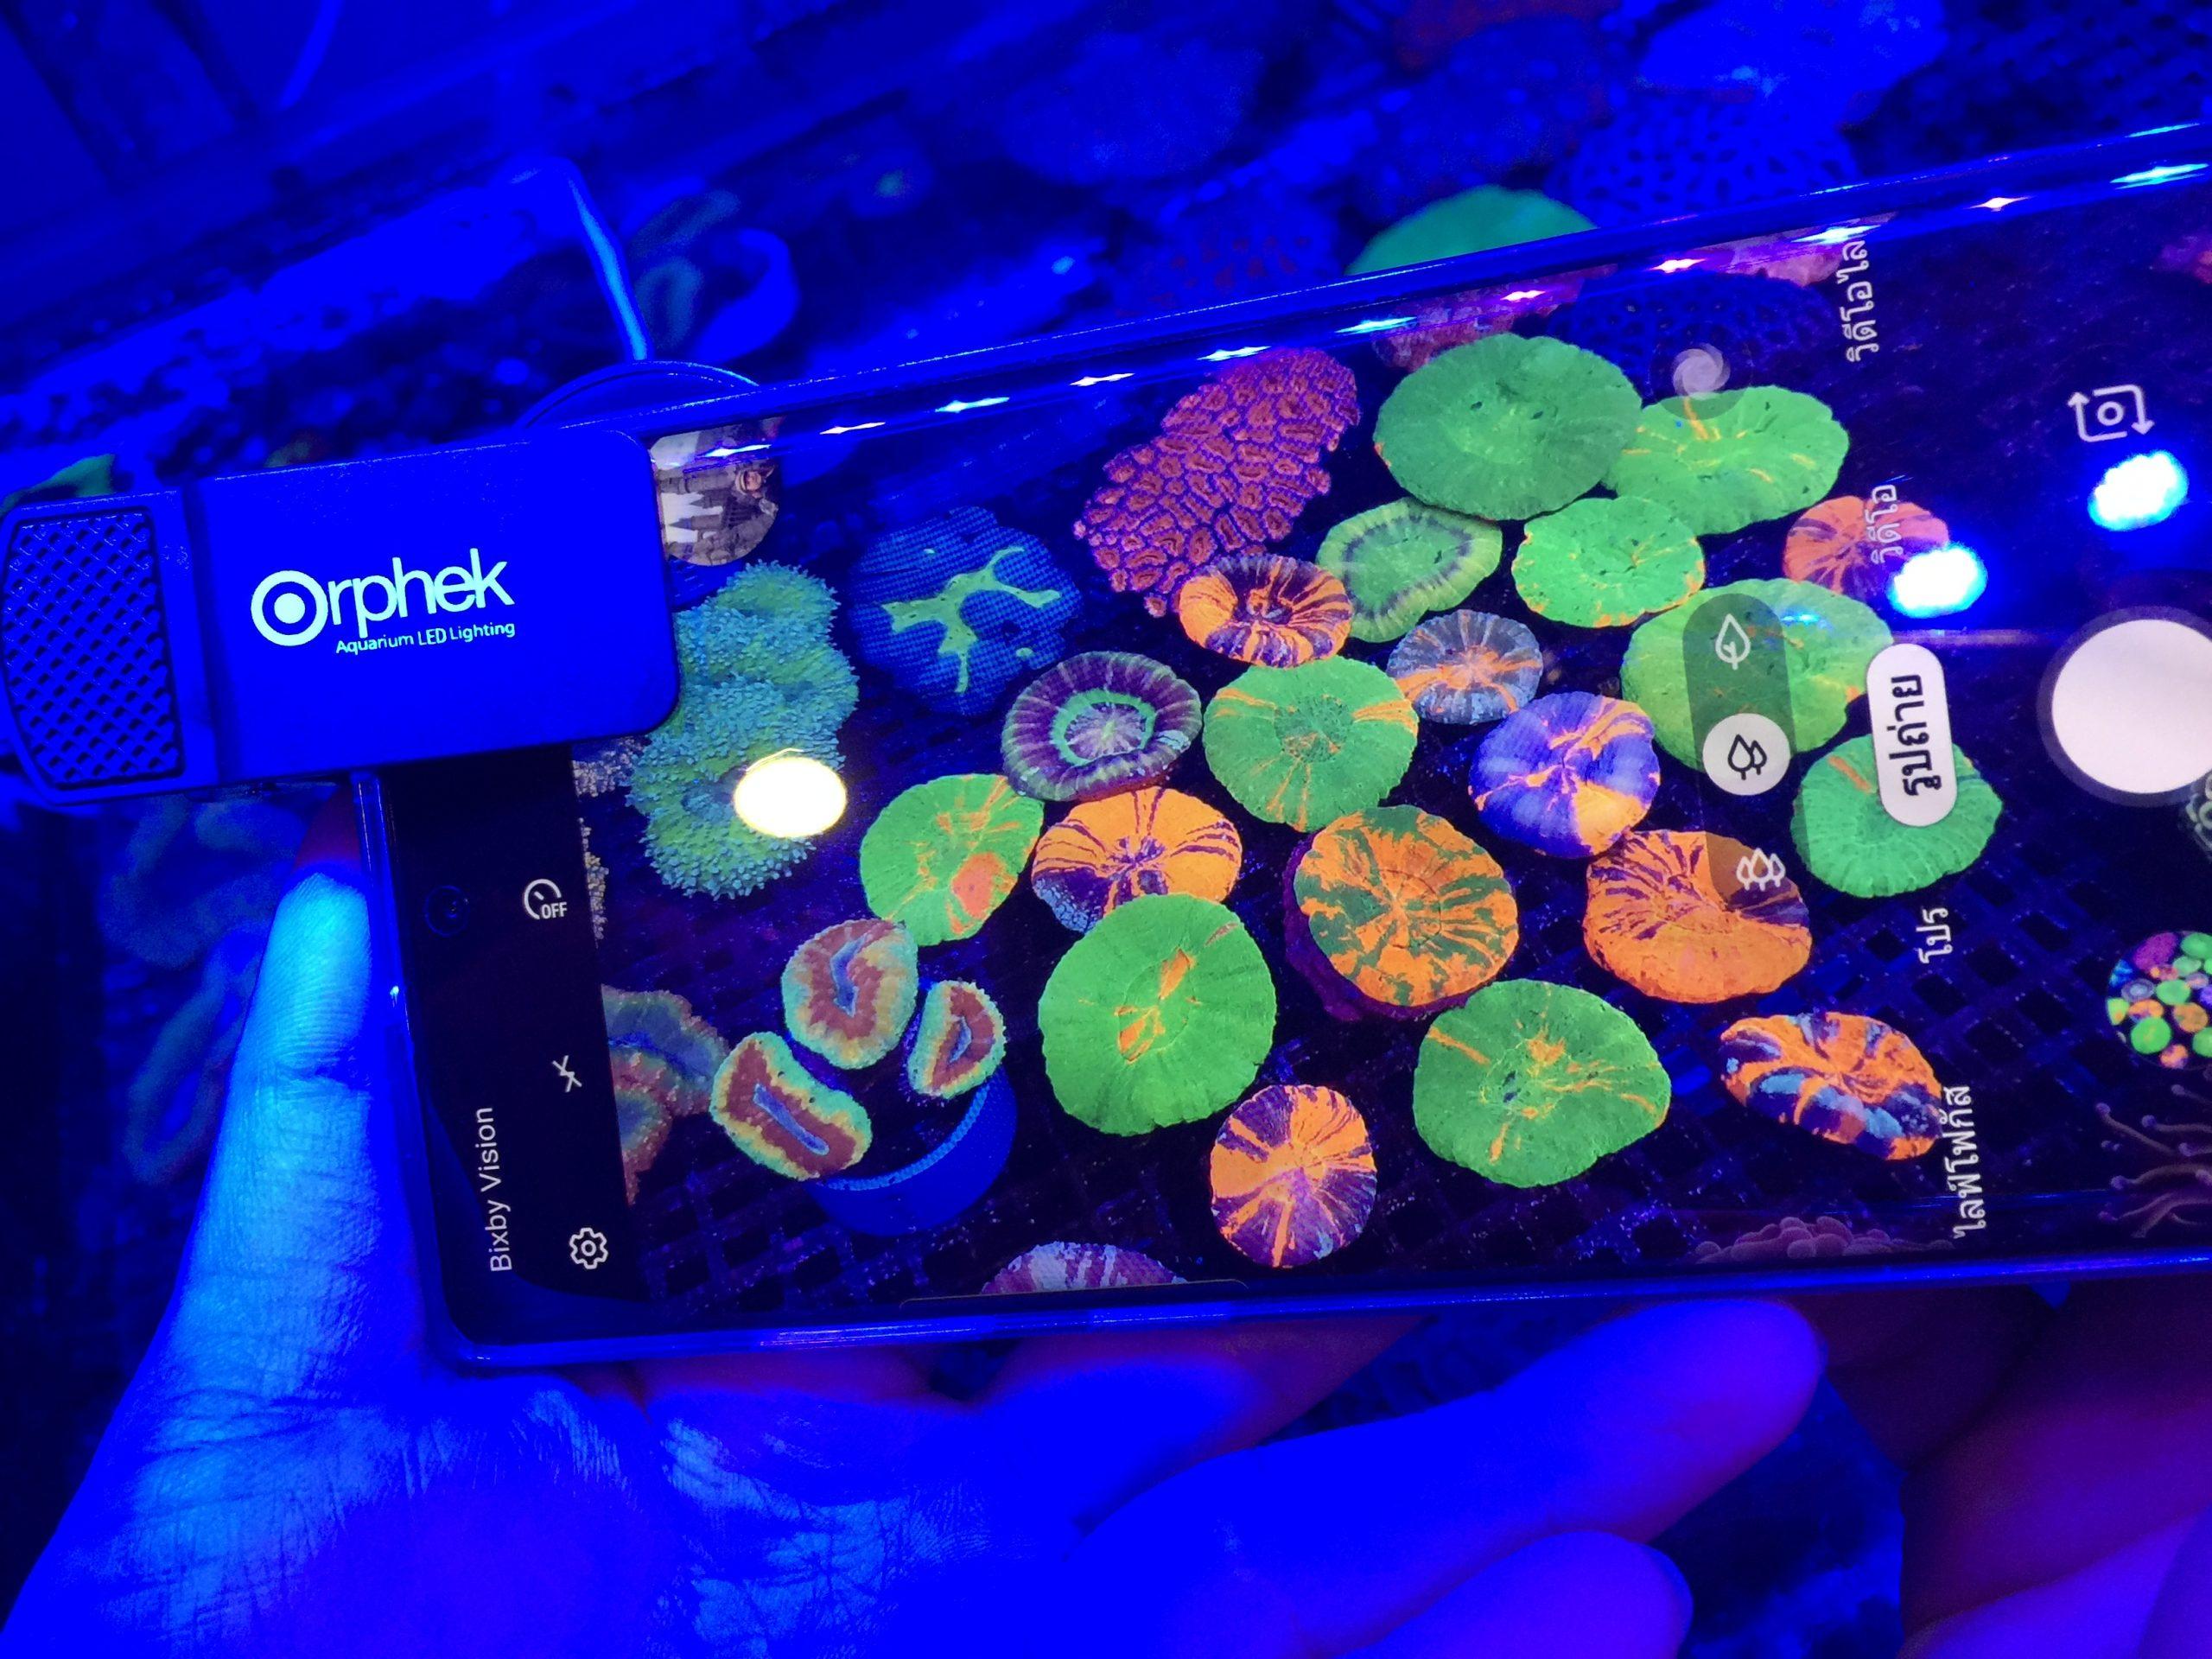 miglior smartphone con lenti per coralli 2020